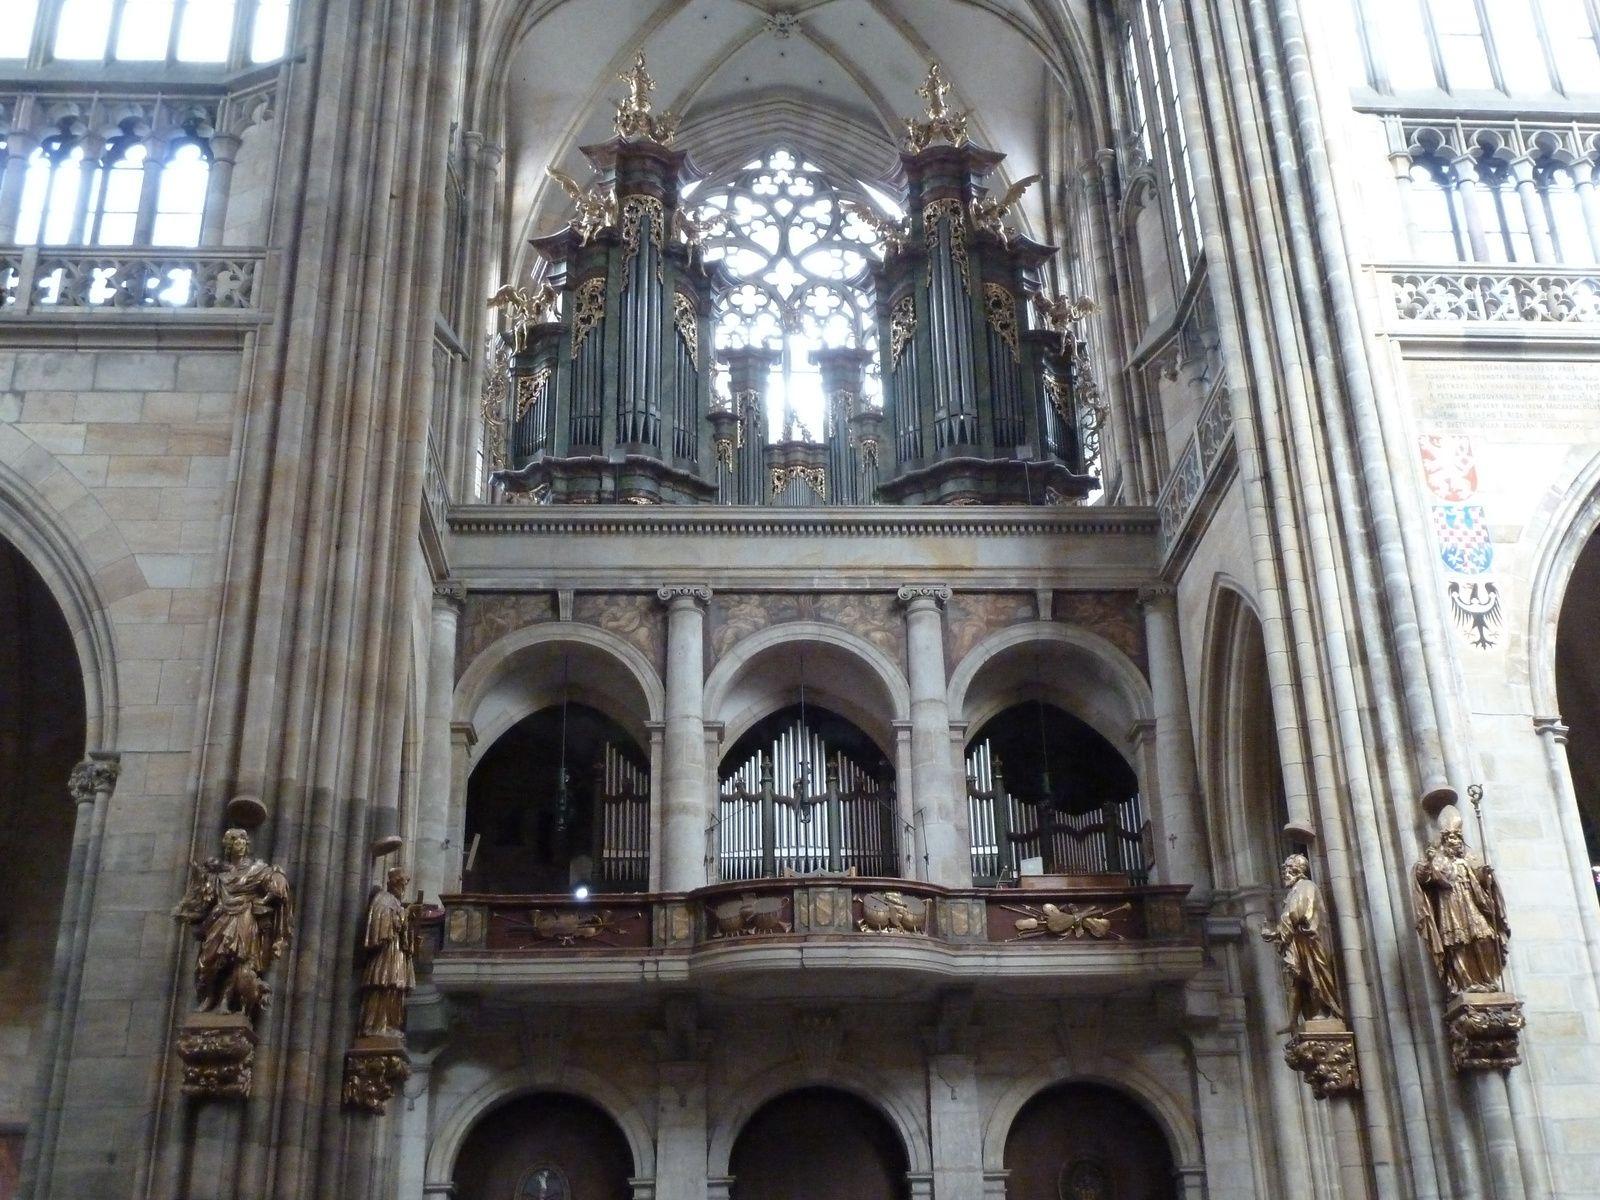 Le Grand Orgue de 1765 (Antonin Gartner), revu en 1932 (orgue neuf, buffet conservé par Antonin Melzer) et restauré en 2001 par Kánsky & Brachtl (la partie instrumentale contient encore des tuyaux de 1765).